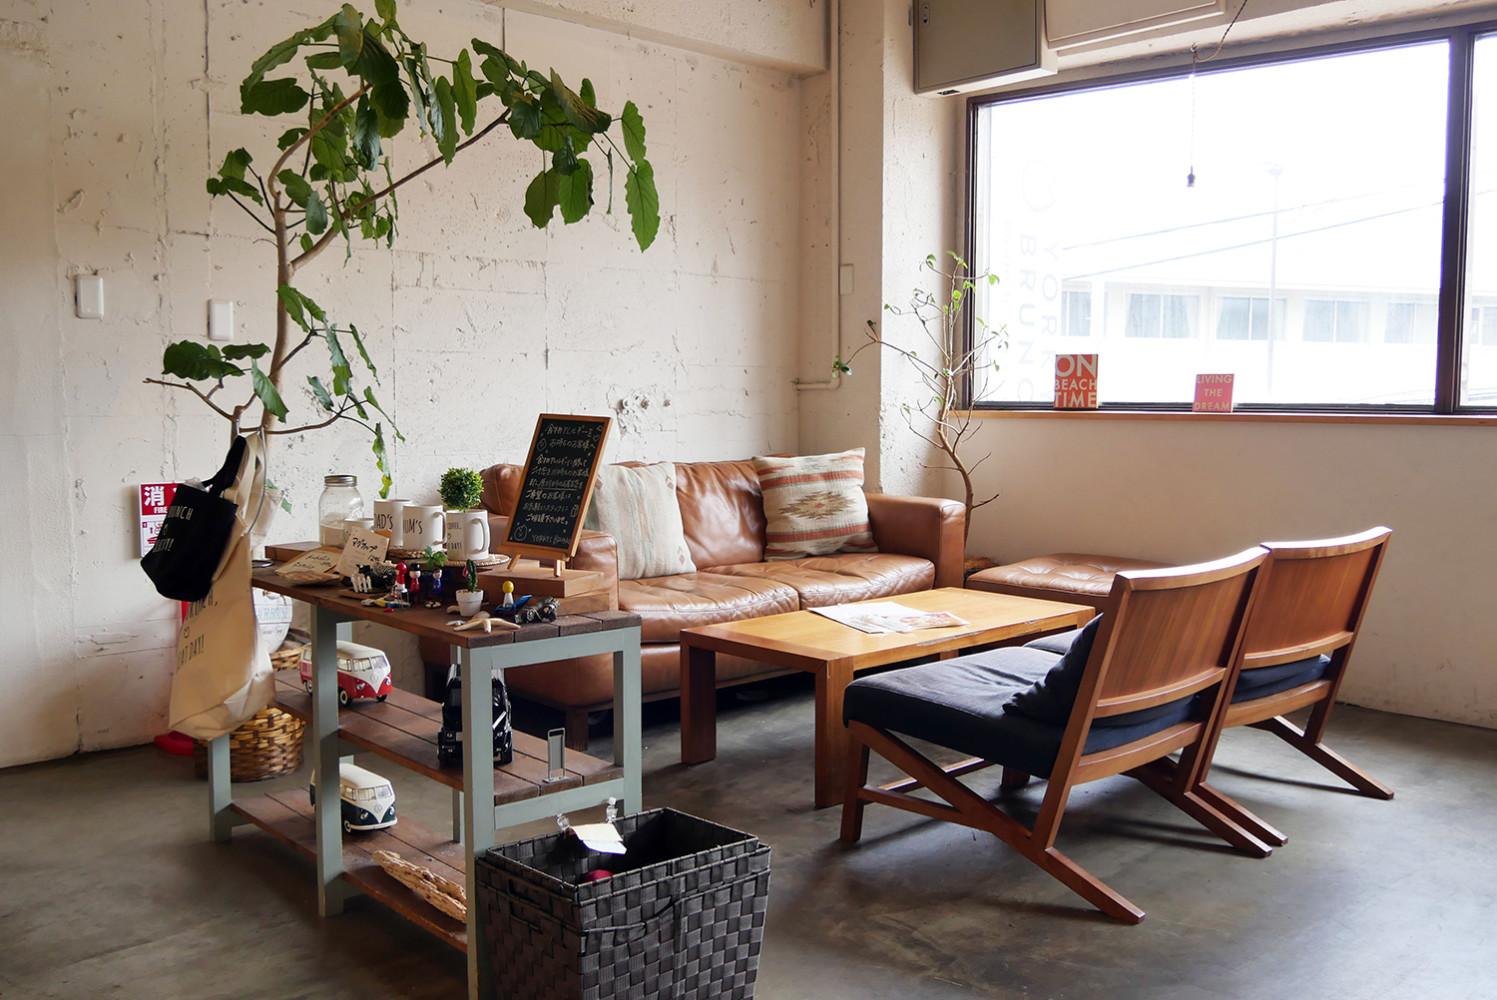 夙川の人気カフェヨーキーズブランチの店内